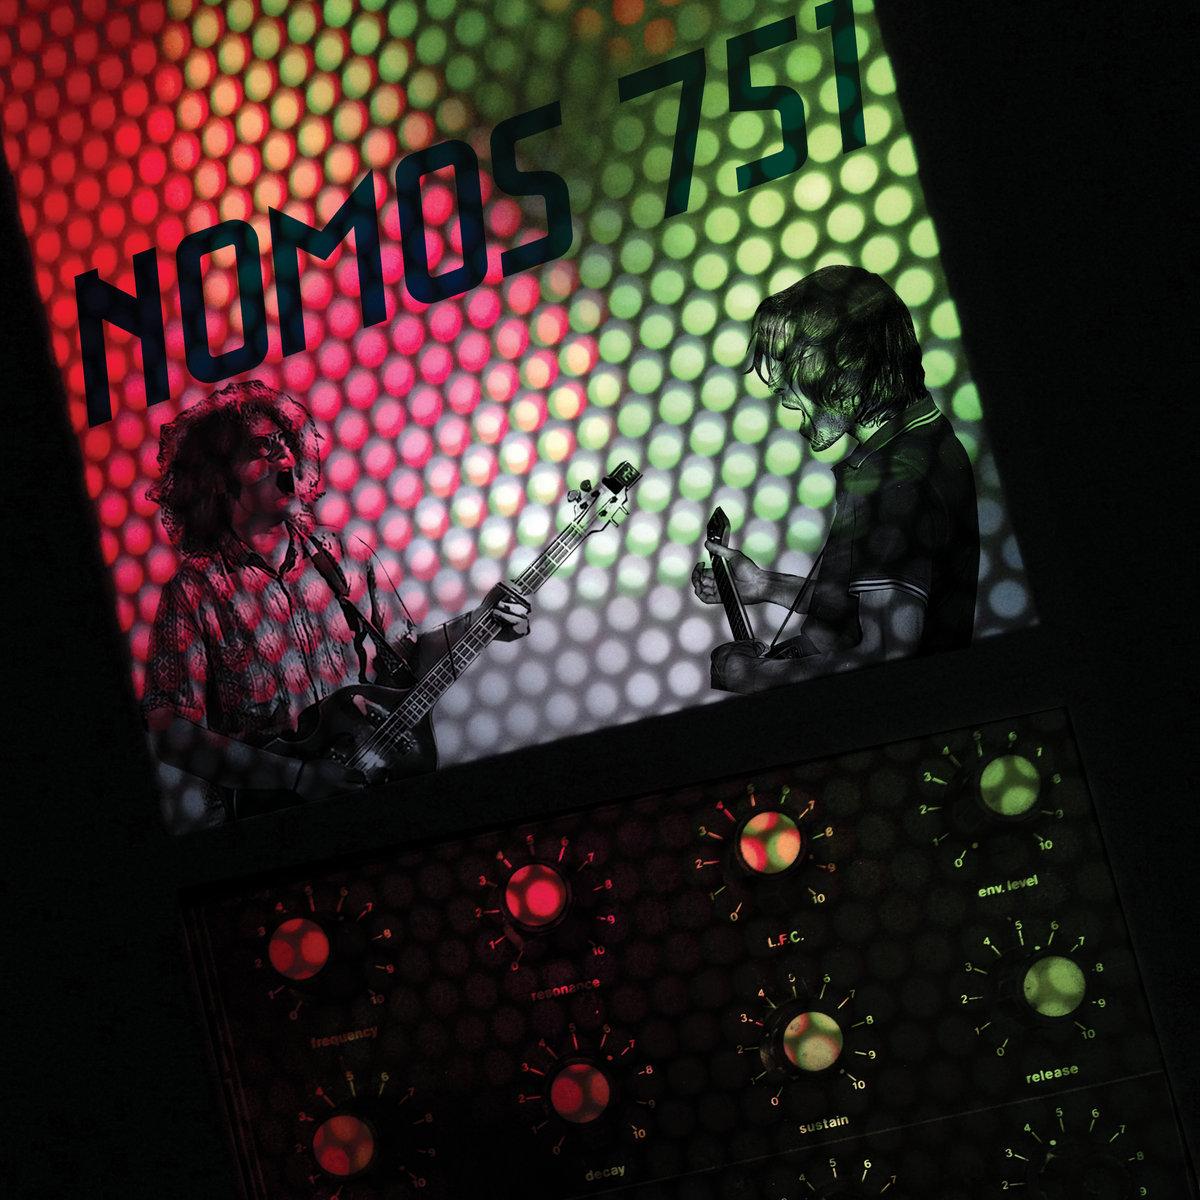 by Nomos 751